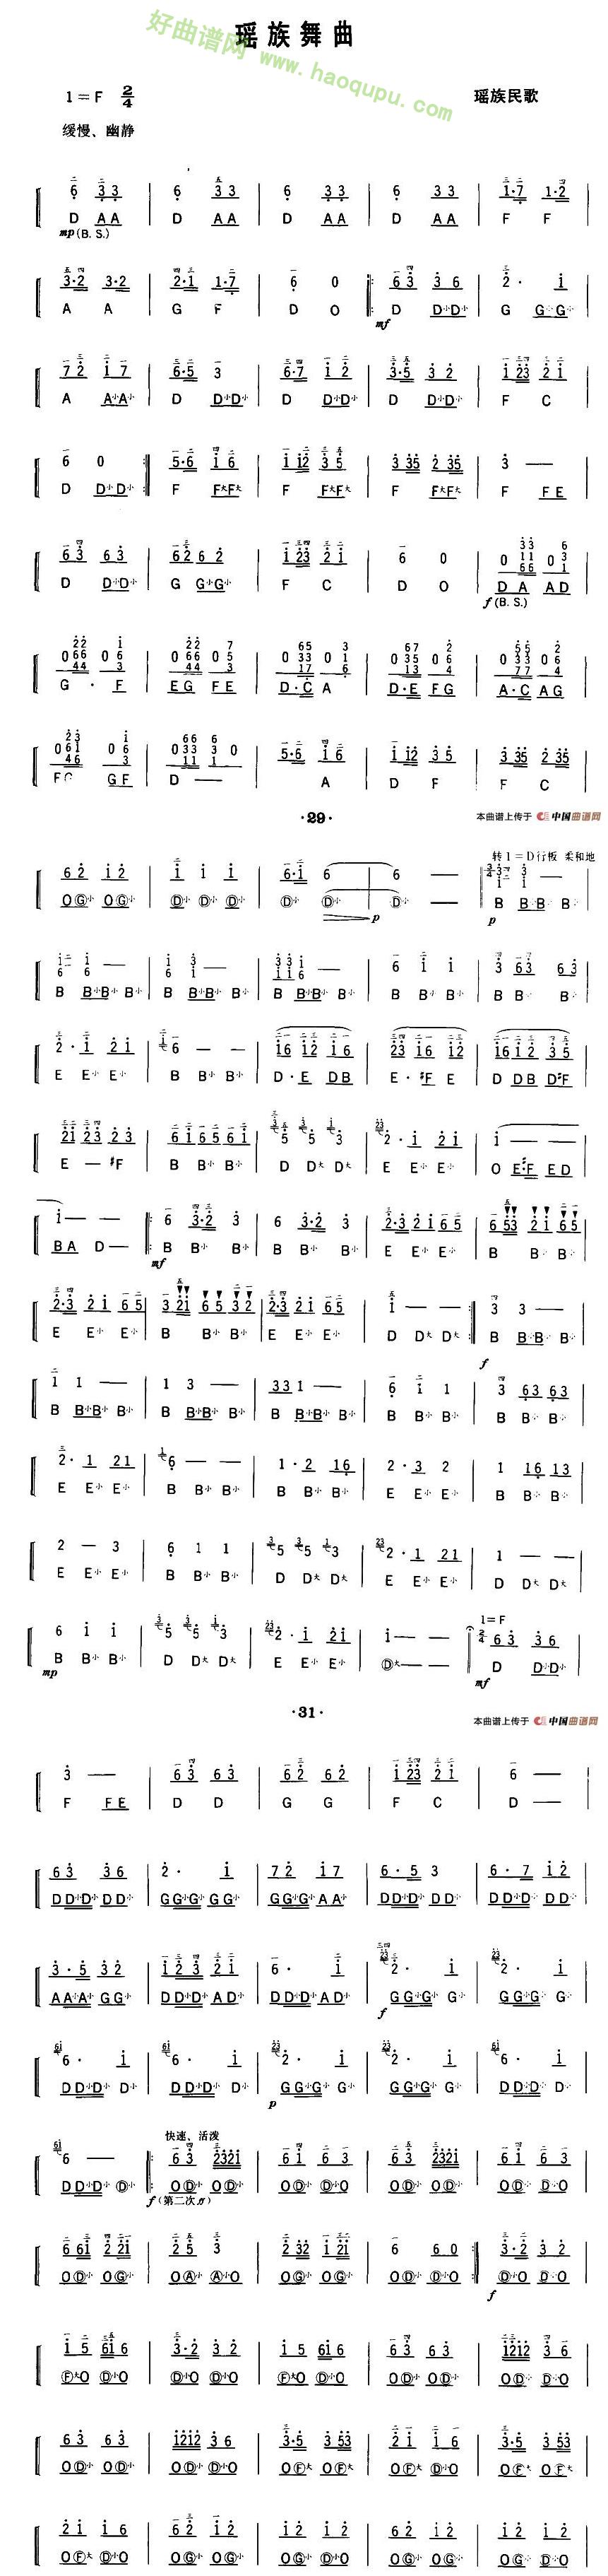 《瑶族舞曲》(李未明编曲版)手风琴曲谱第3张